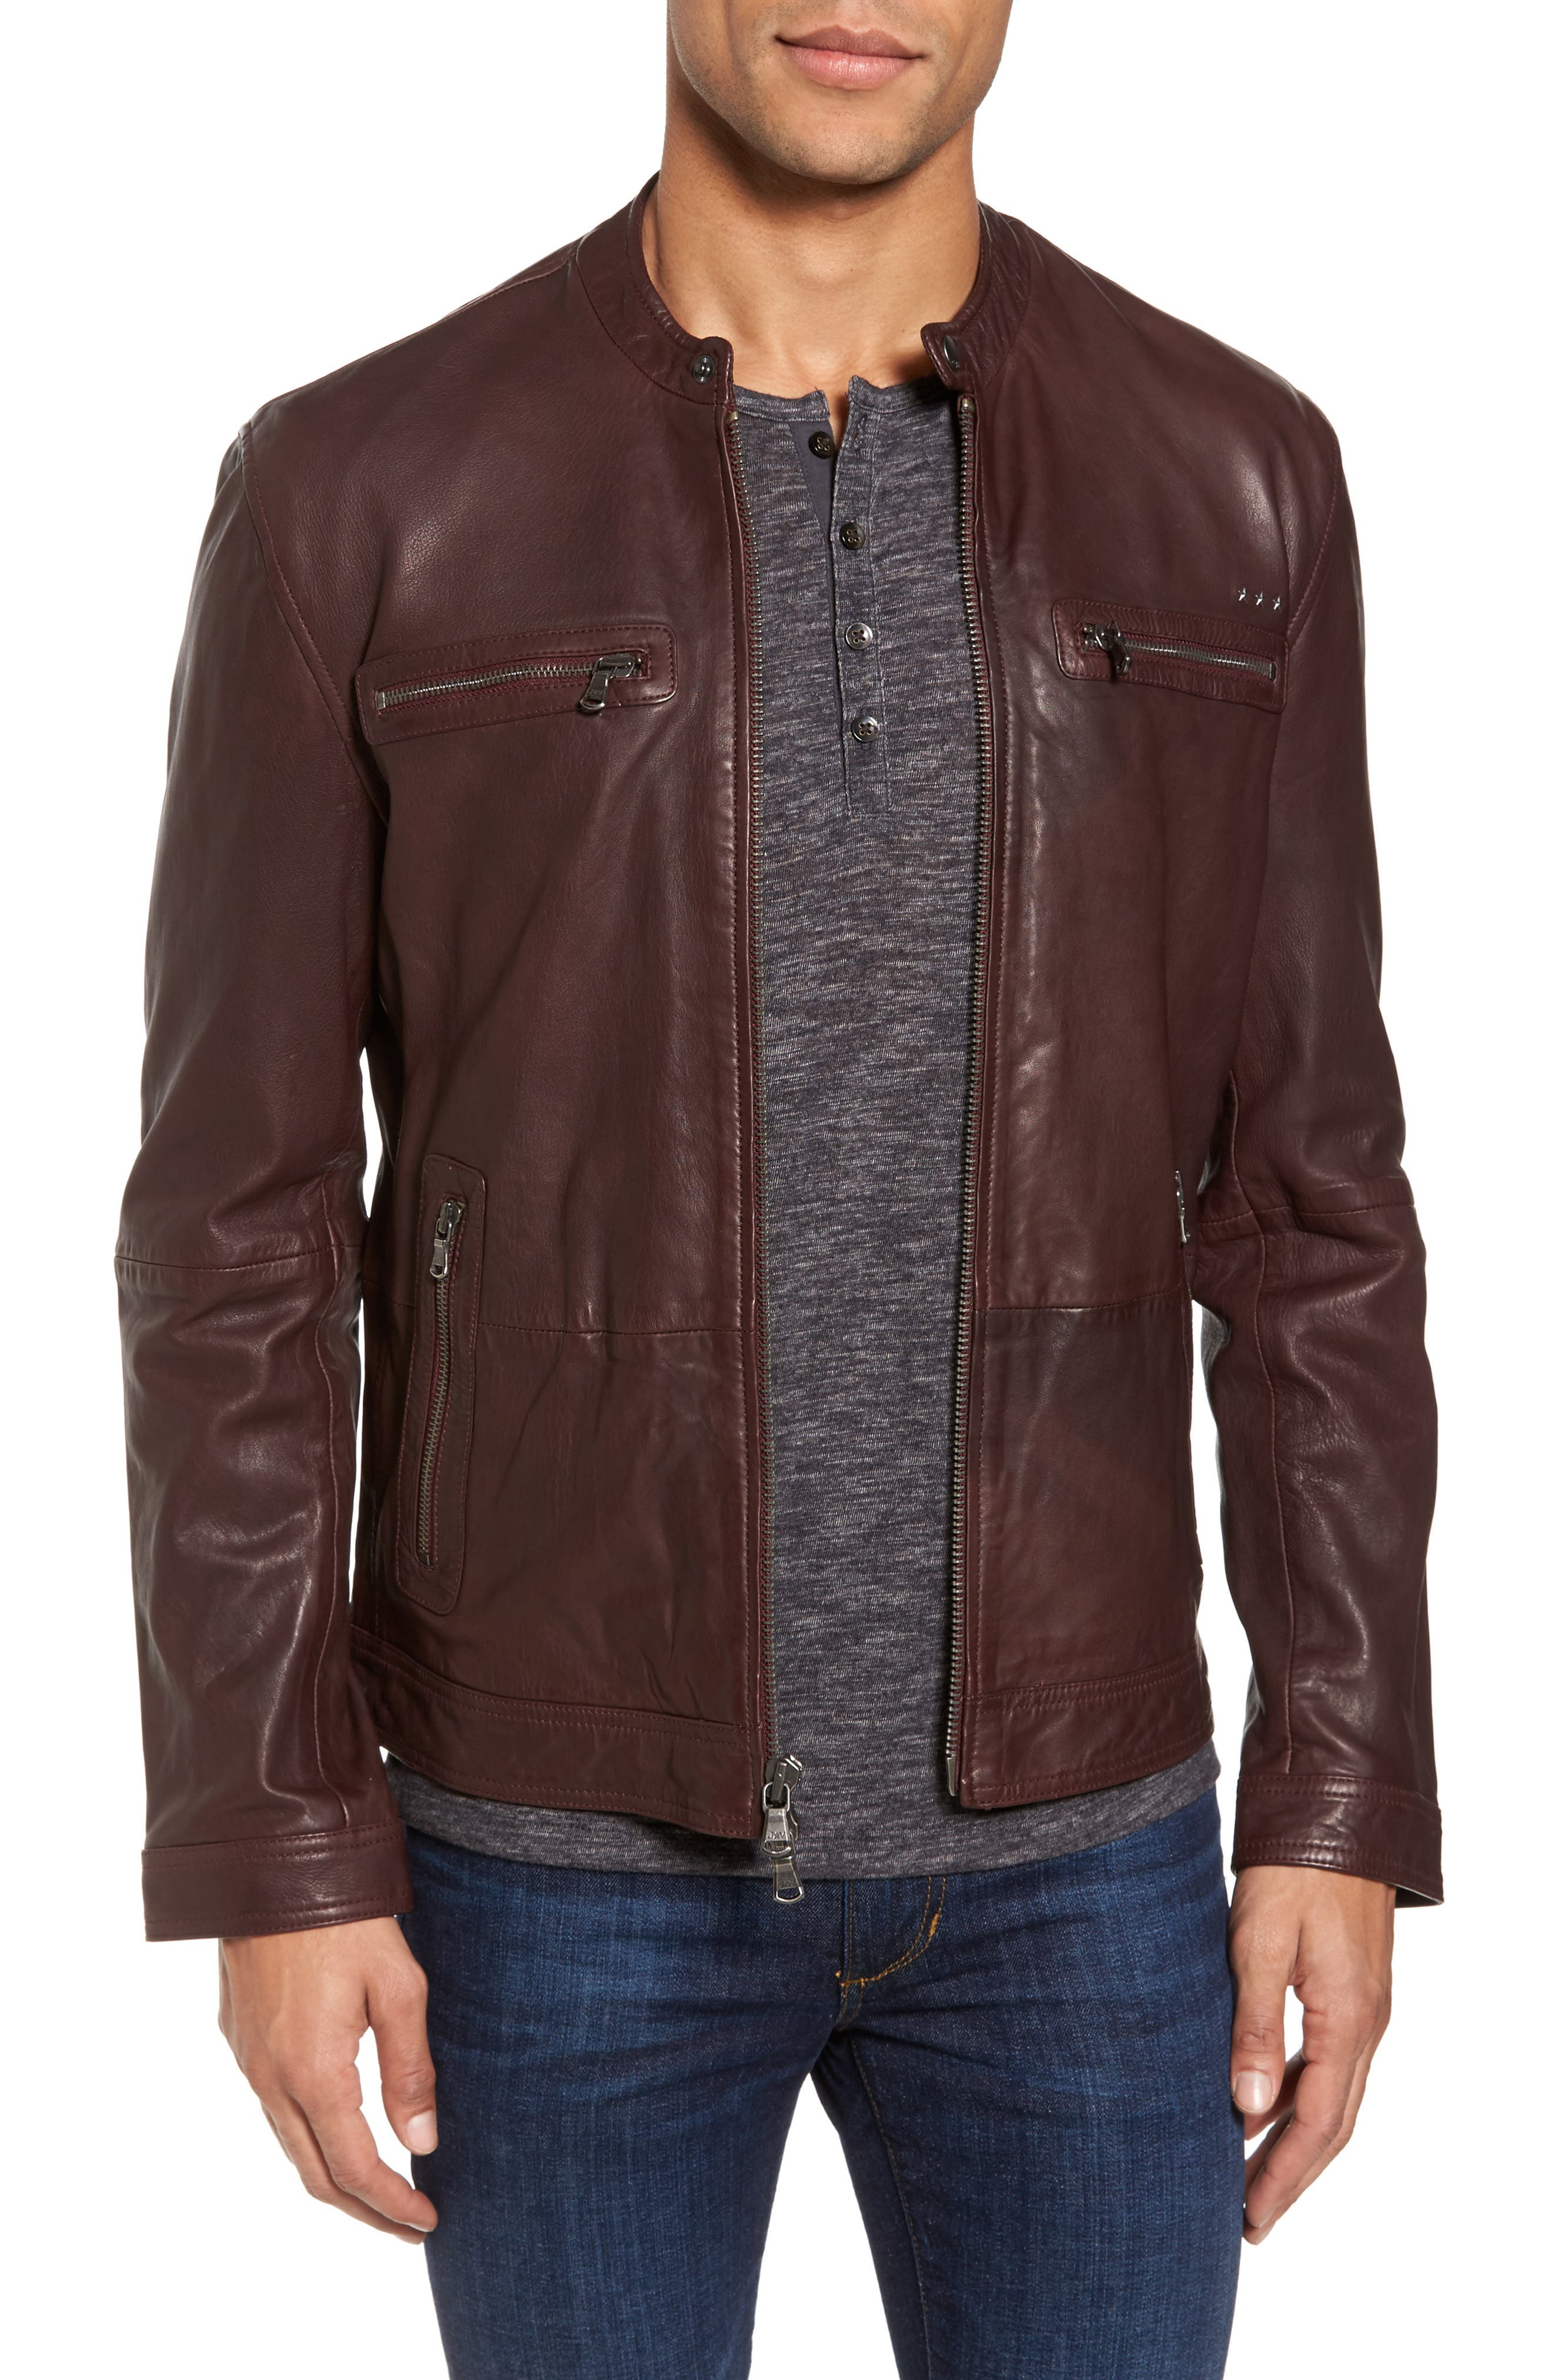 John Varvatos Star USA Leather Racer Jacket